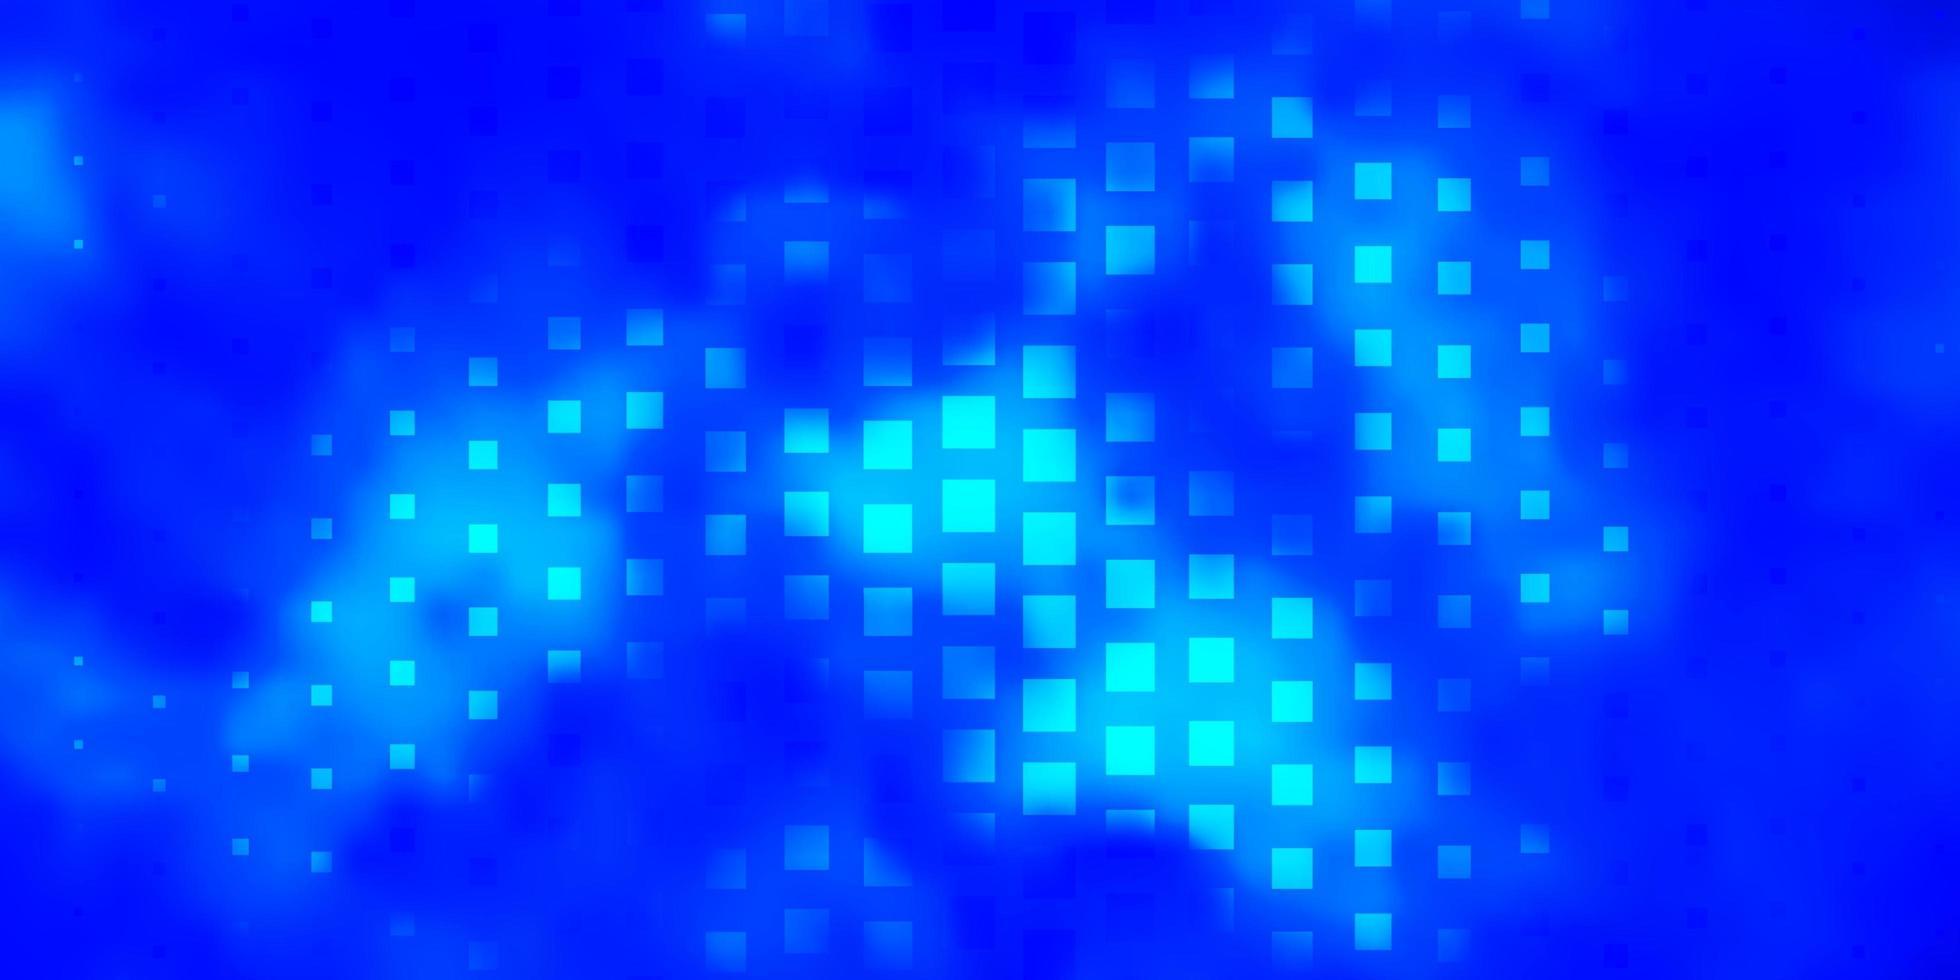 fondo azul en estilo poligonal. vector